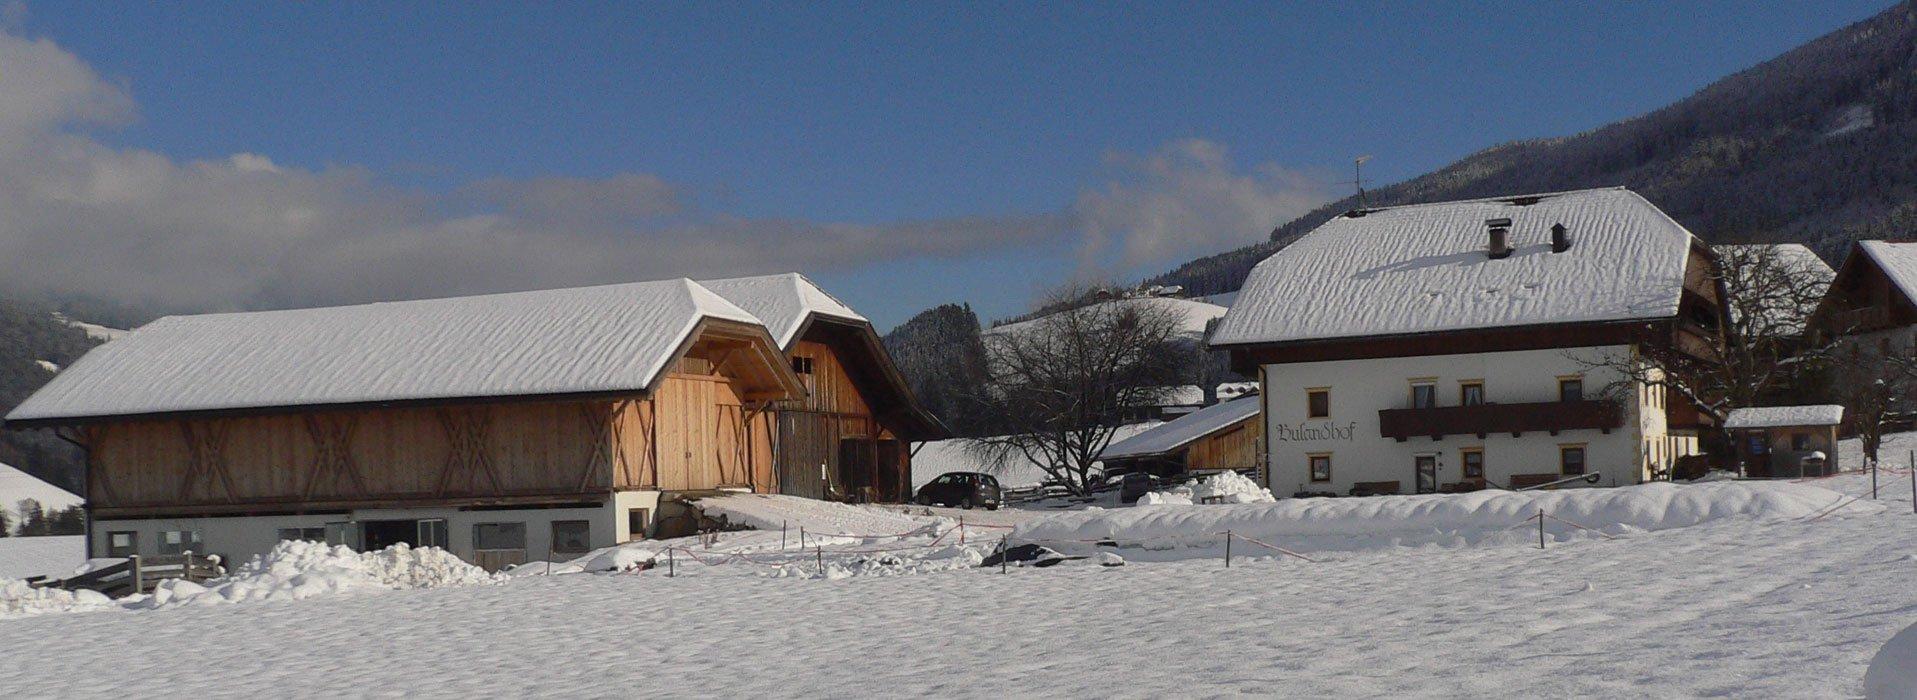 skiurlaub-kronplatz-01